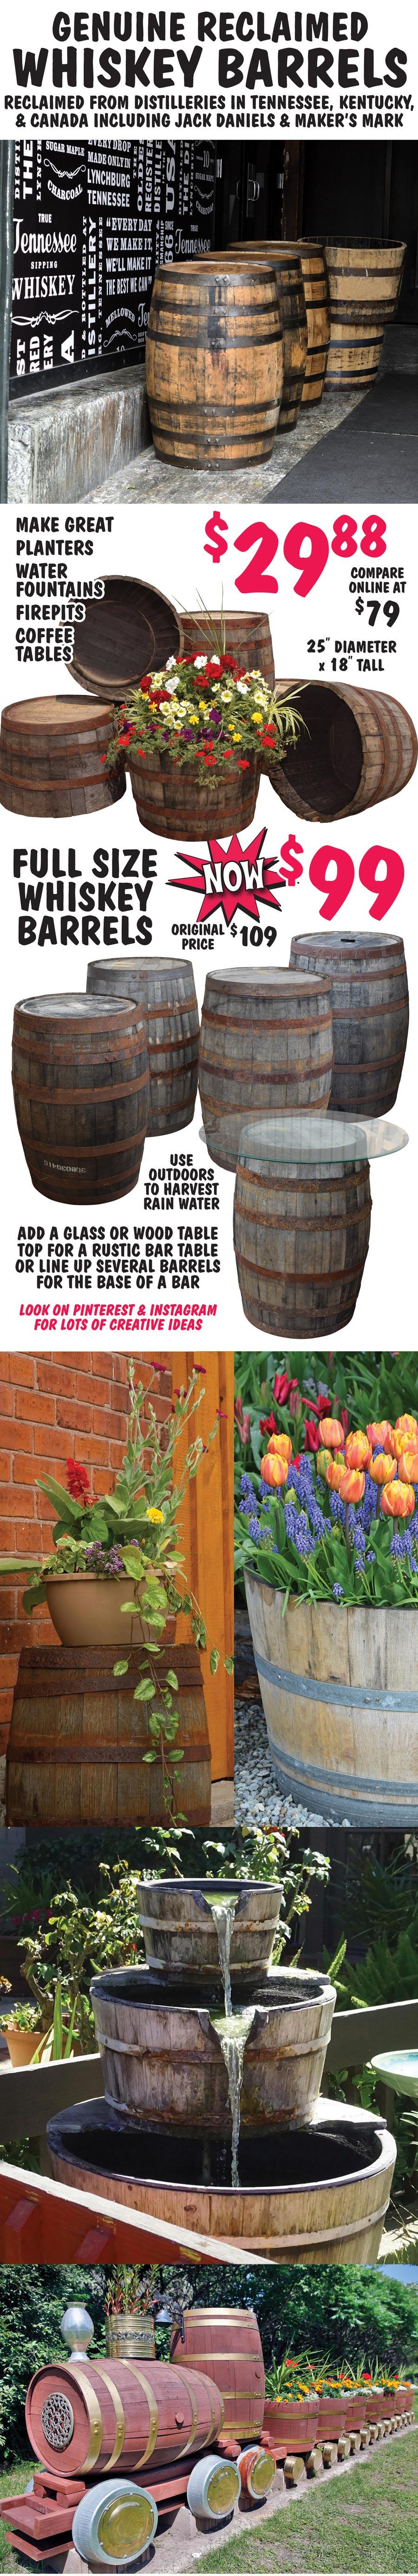 Reclaimed Whiskey Barrels – 1/2 Barrels $29.88 & Full Barrels NOW $99